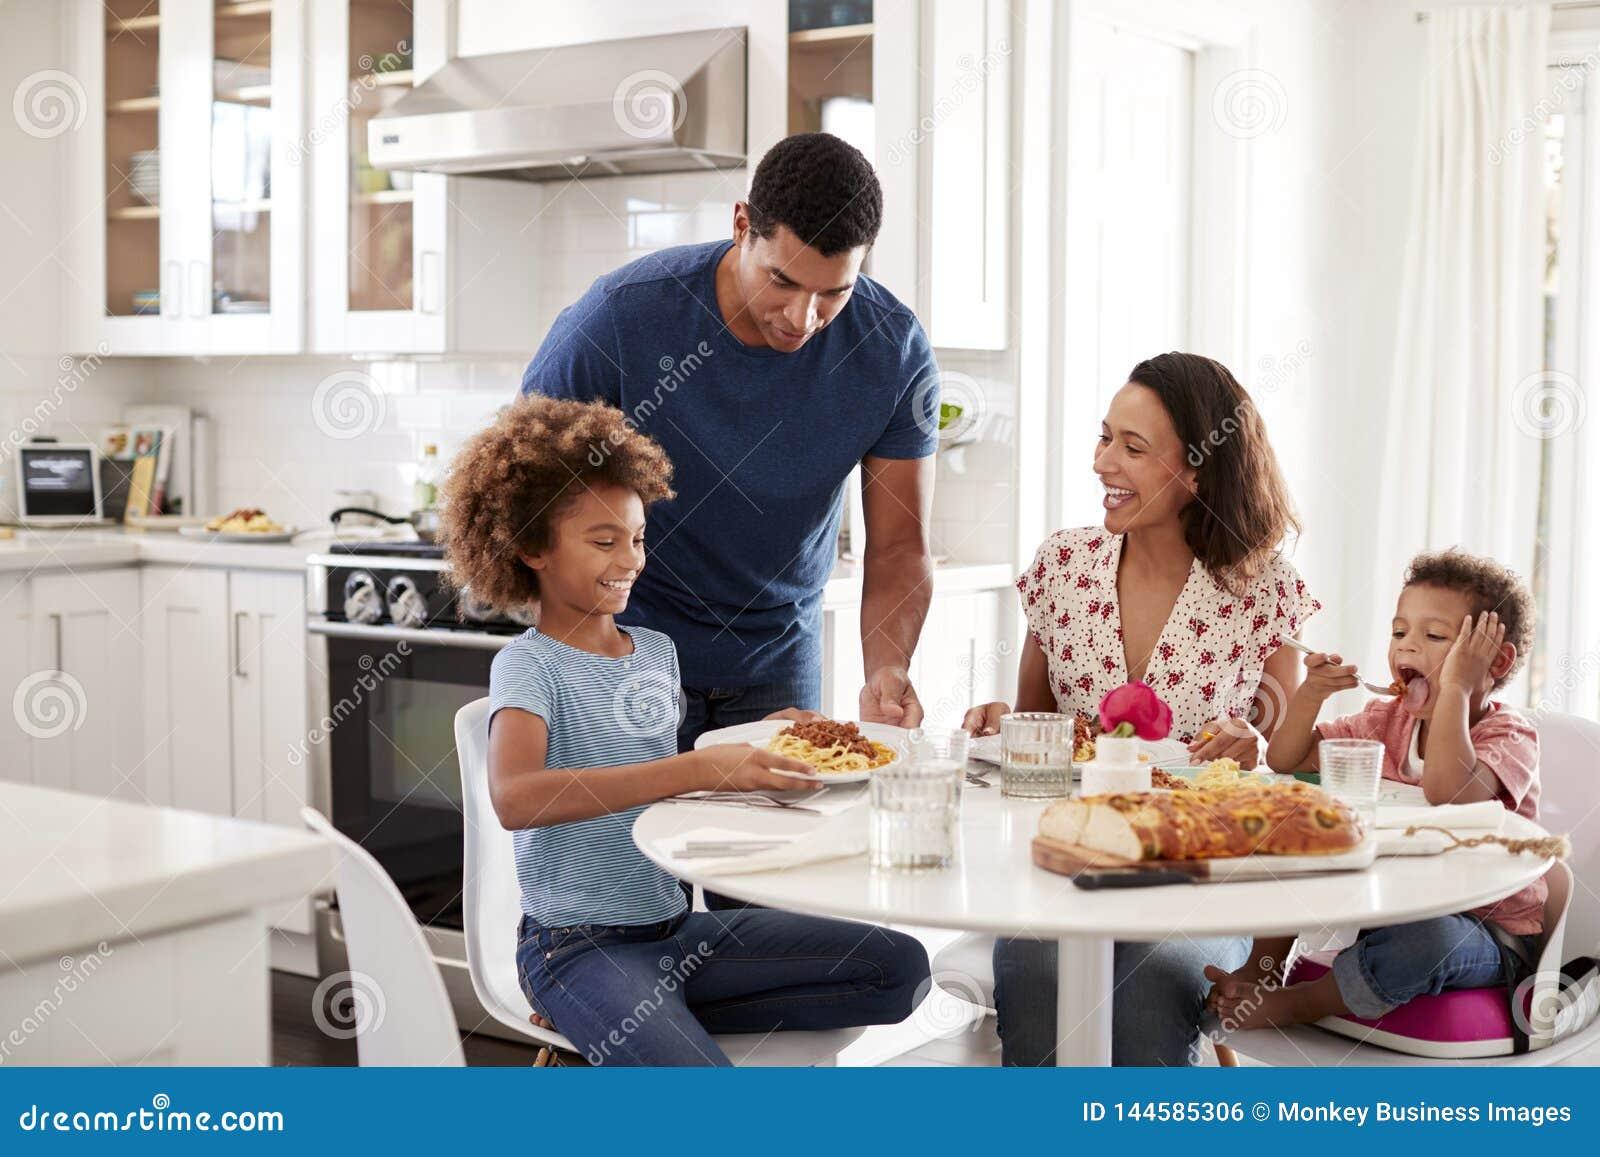 Молодая мать сидя на таблице в кухне с детьми, отец служа им еда, выборочный фокус